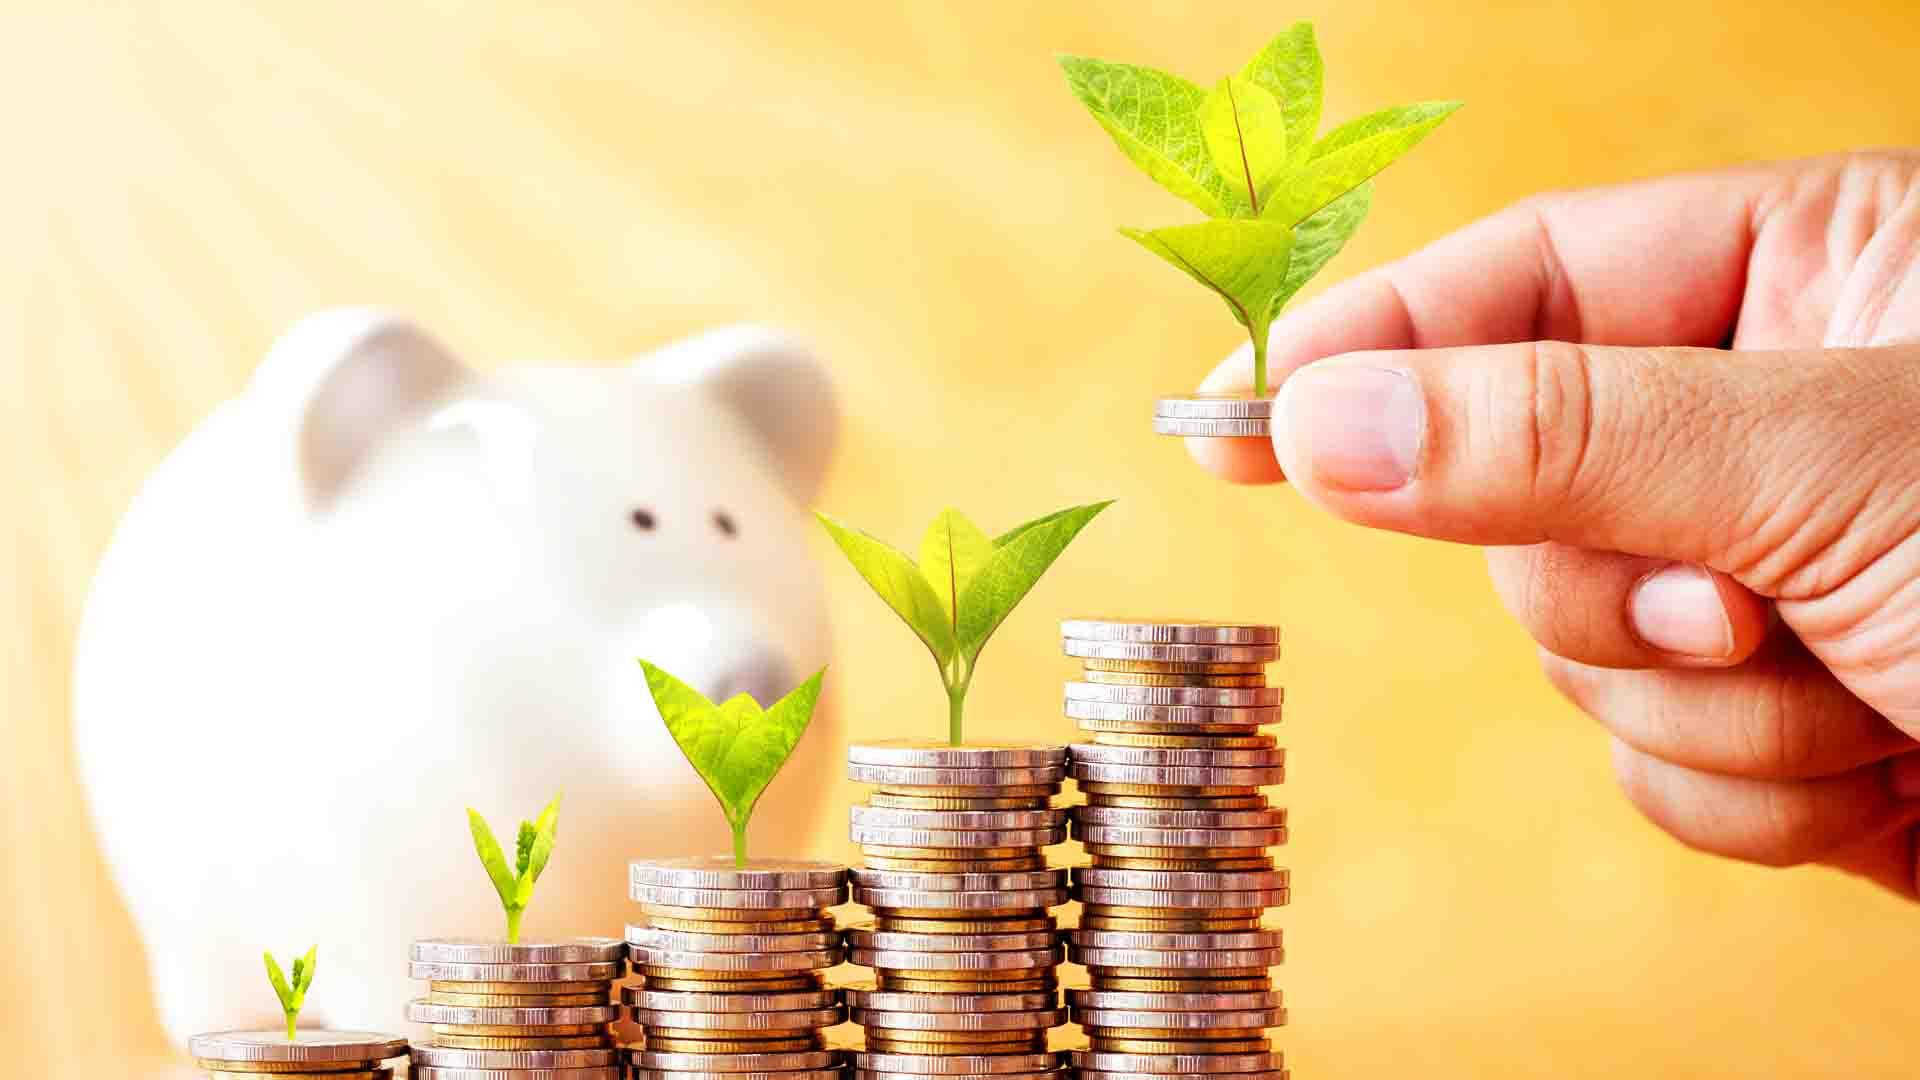 פנסיה לעובדי משק הבית: איך נדע באיזו קרן לבחור?